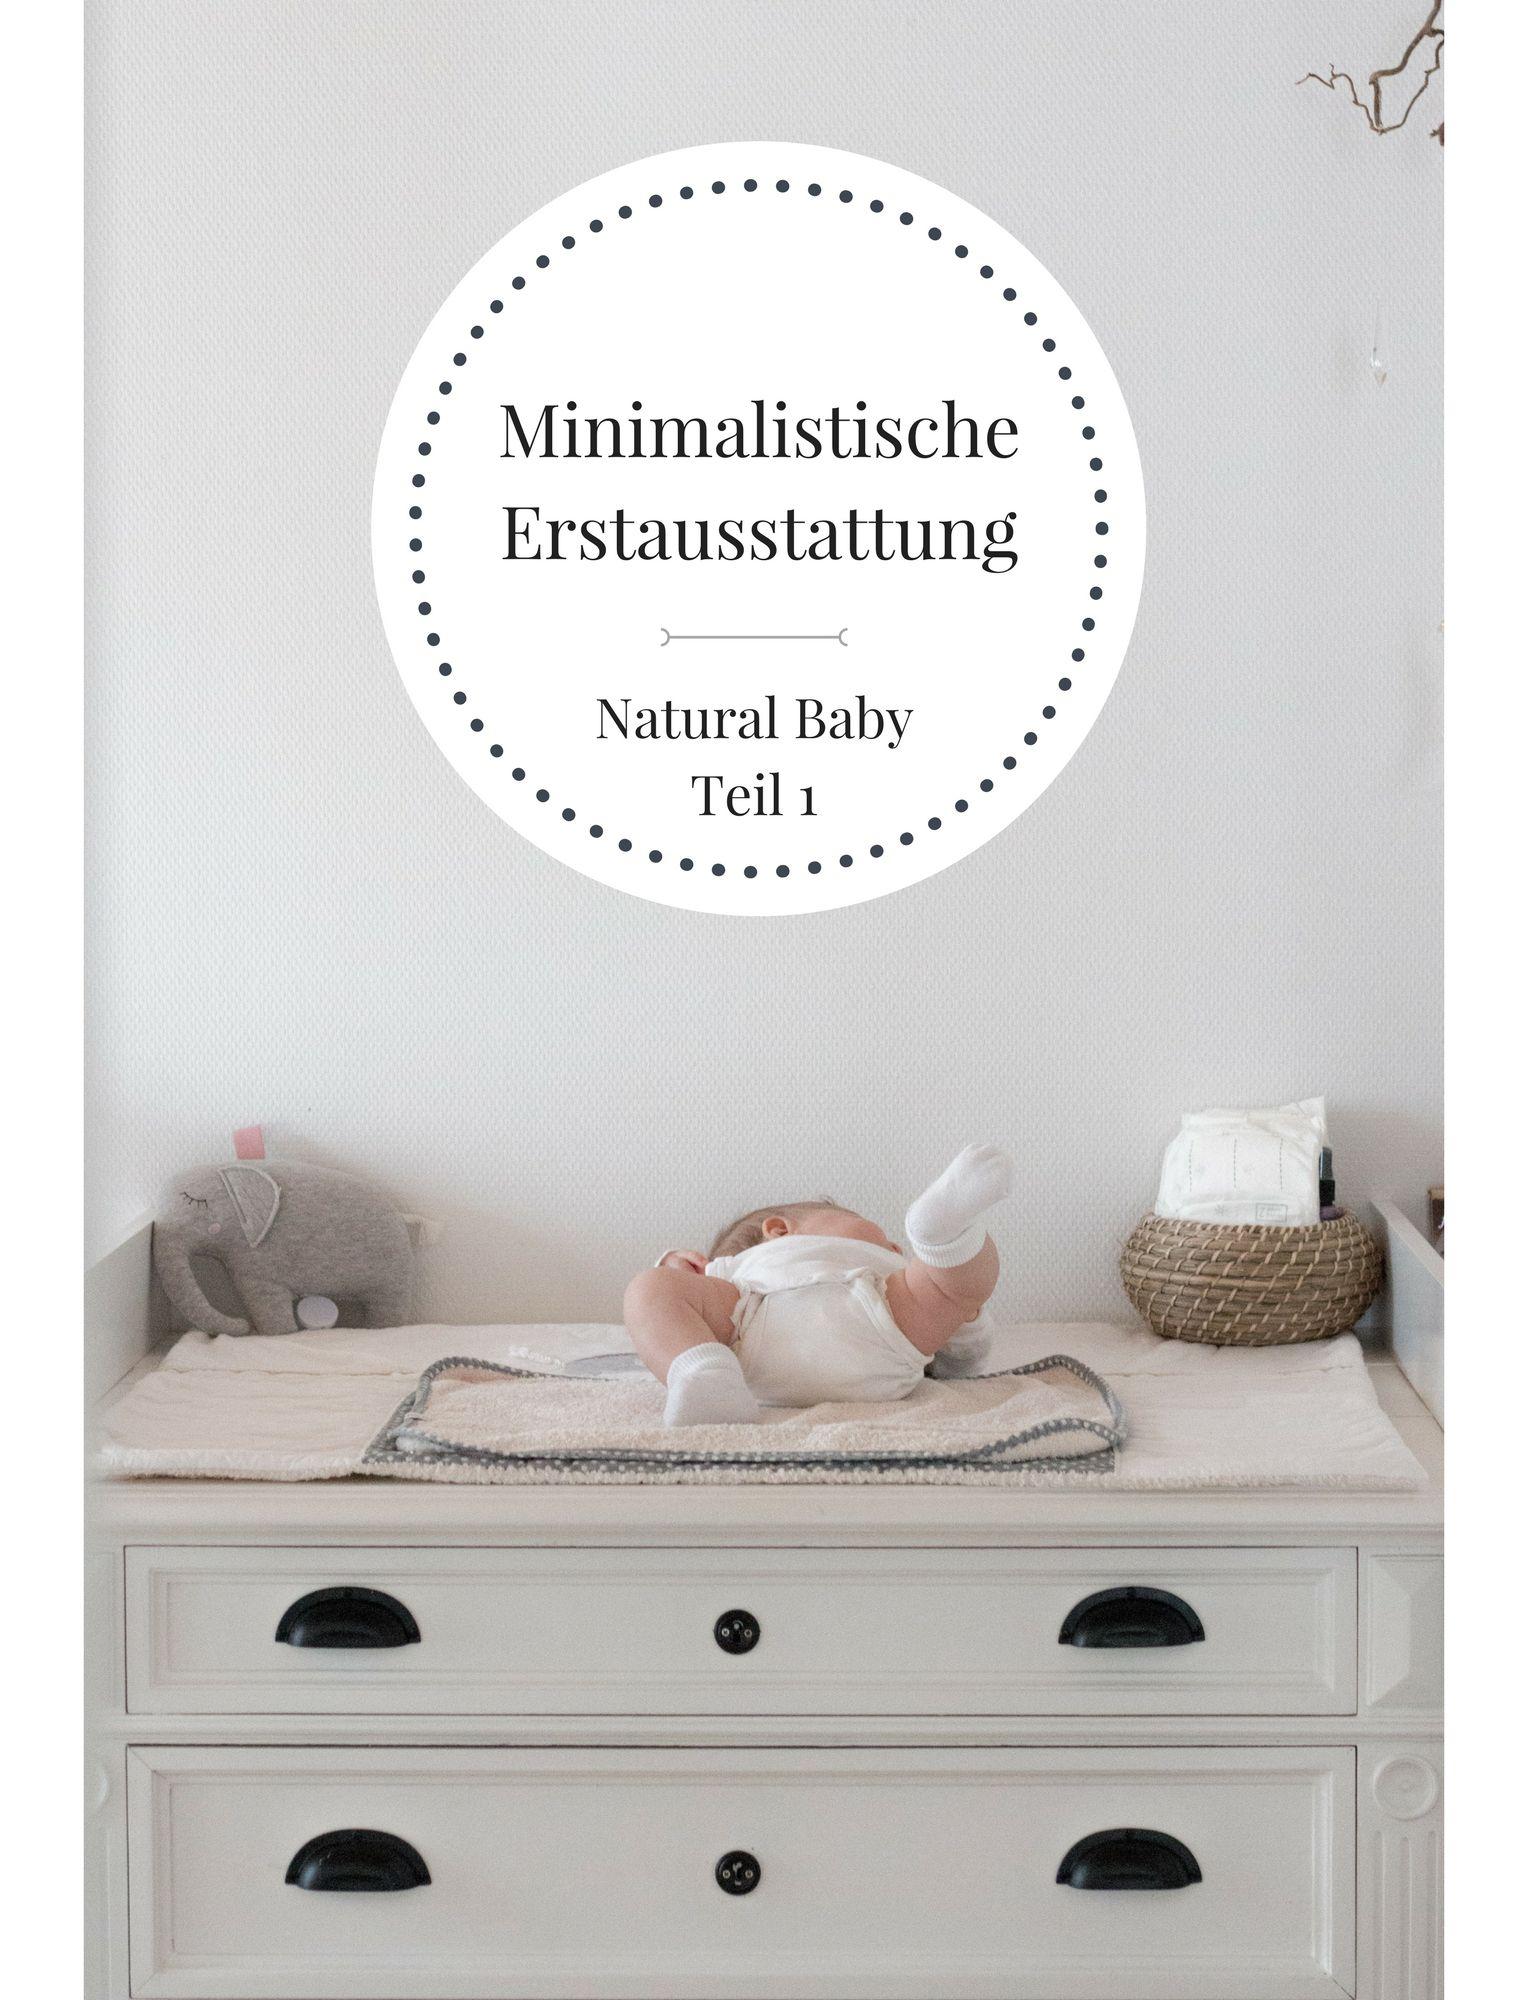 einfache erstausstattung was dein baby wirklich braucht teil 1 little one. Black Bedroom Furniture Sets. Home Design Ideas